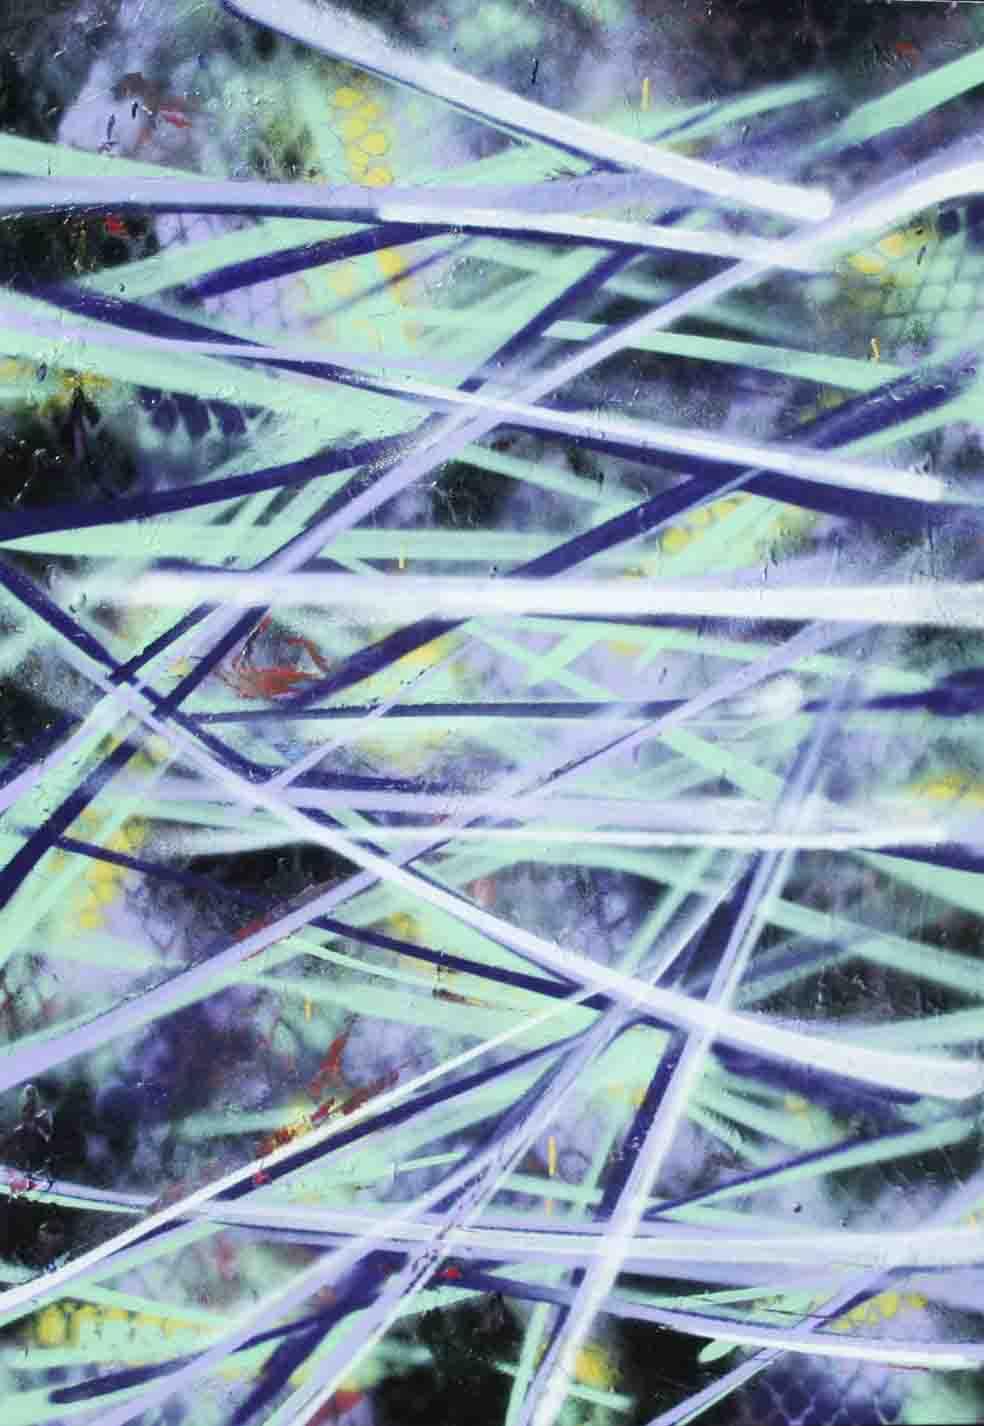 tableau abstrait les roseaux en vert clair et en violet